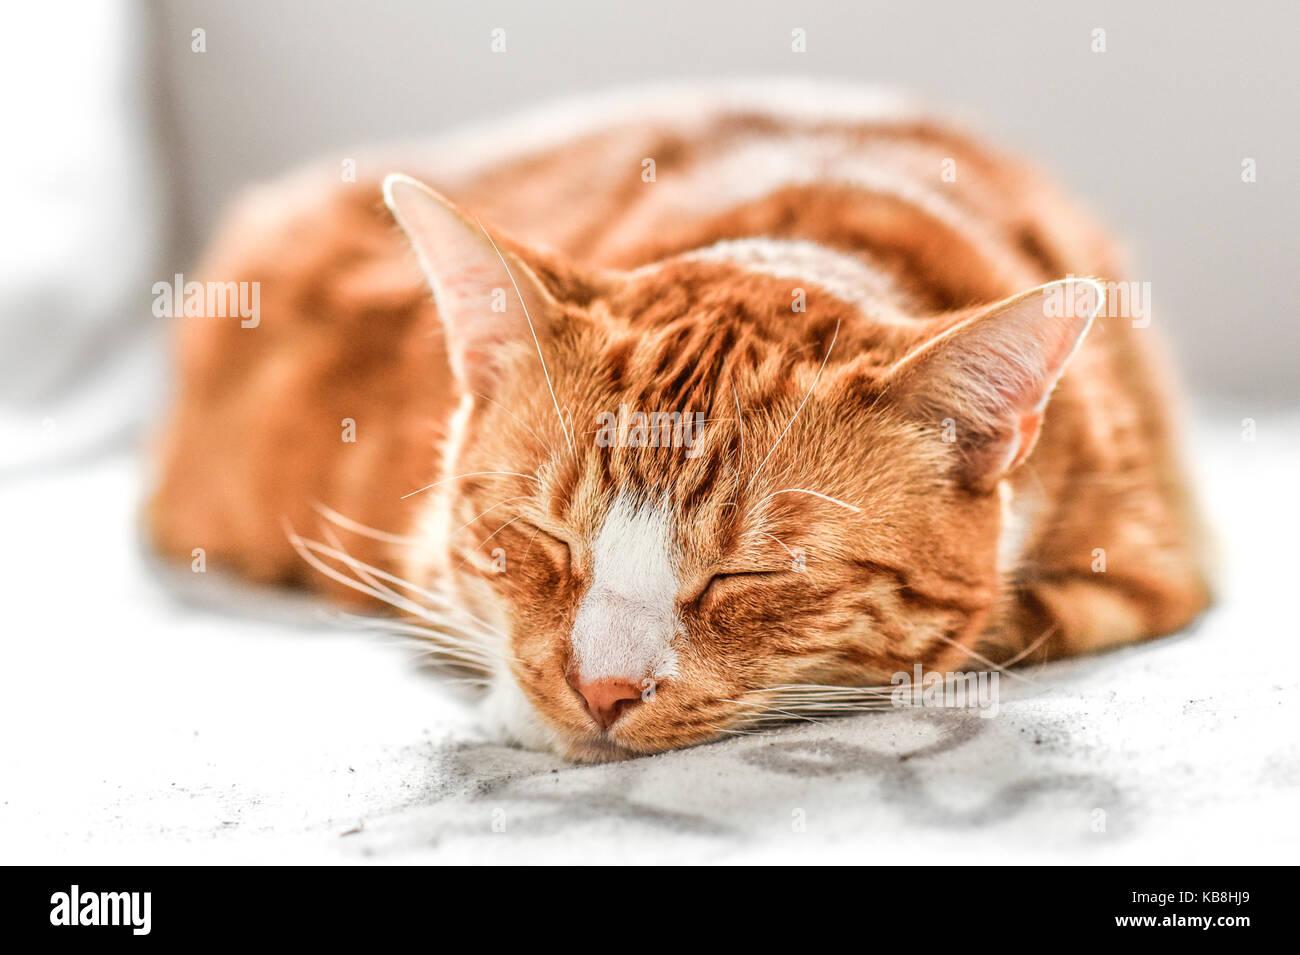 Eine junge Katze auf der Couch zu Hause schlafen, süß und schön. Stockbild